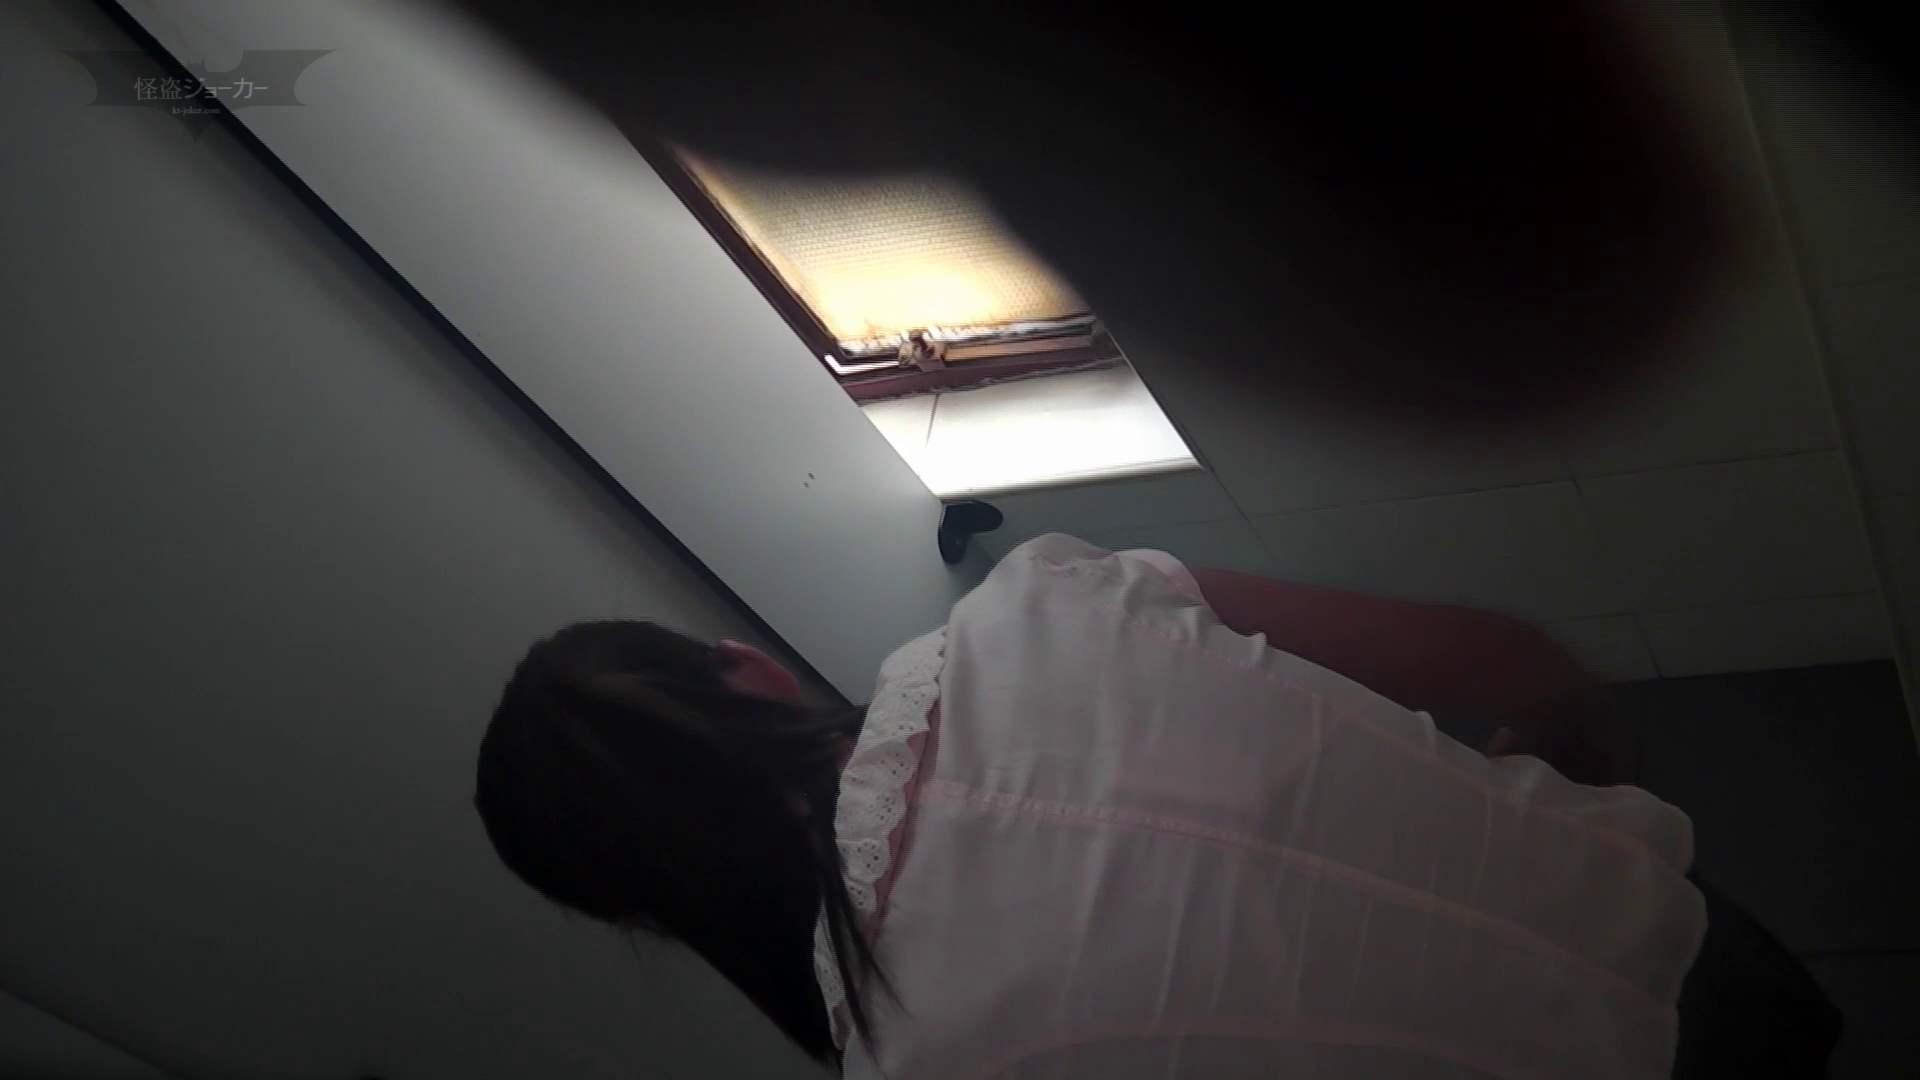 潜入!!台湾名門女学院 Vol.10 進化 盗撮 ぱこり動画紹介 77PIX 30